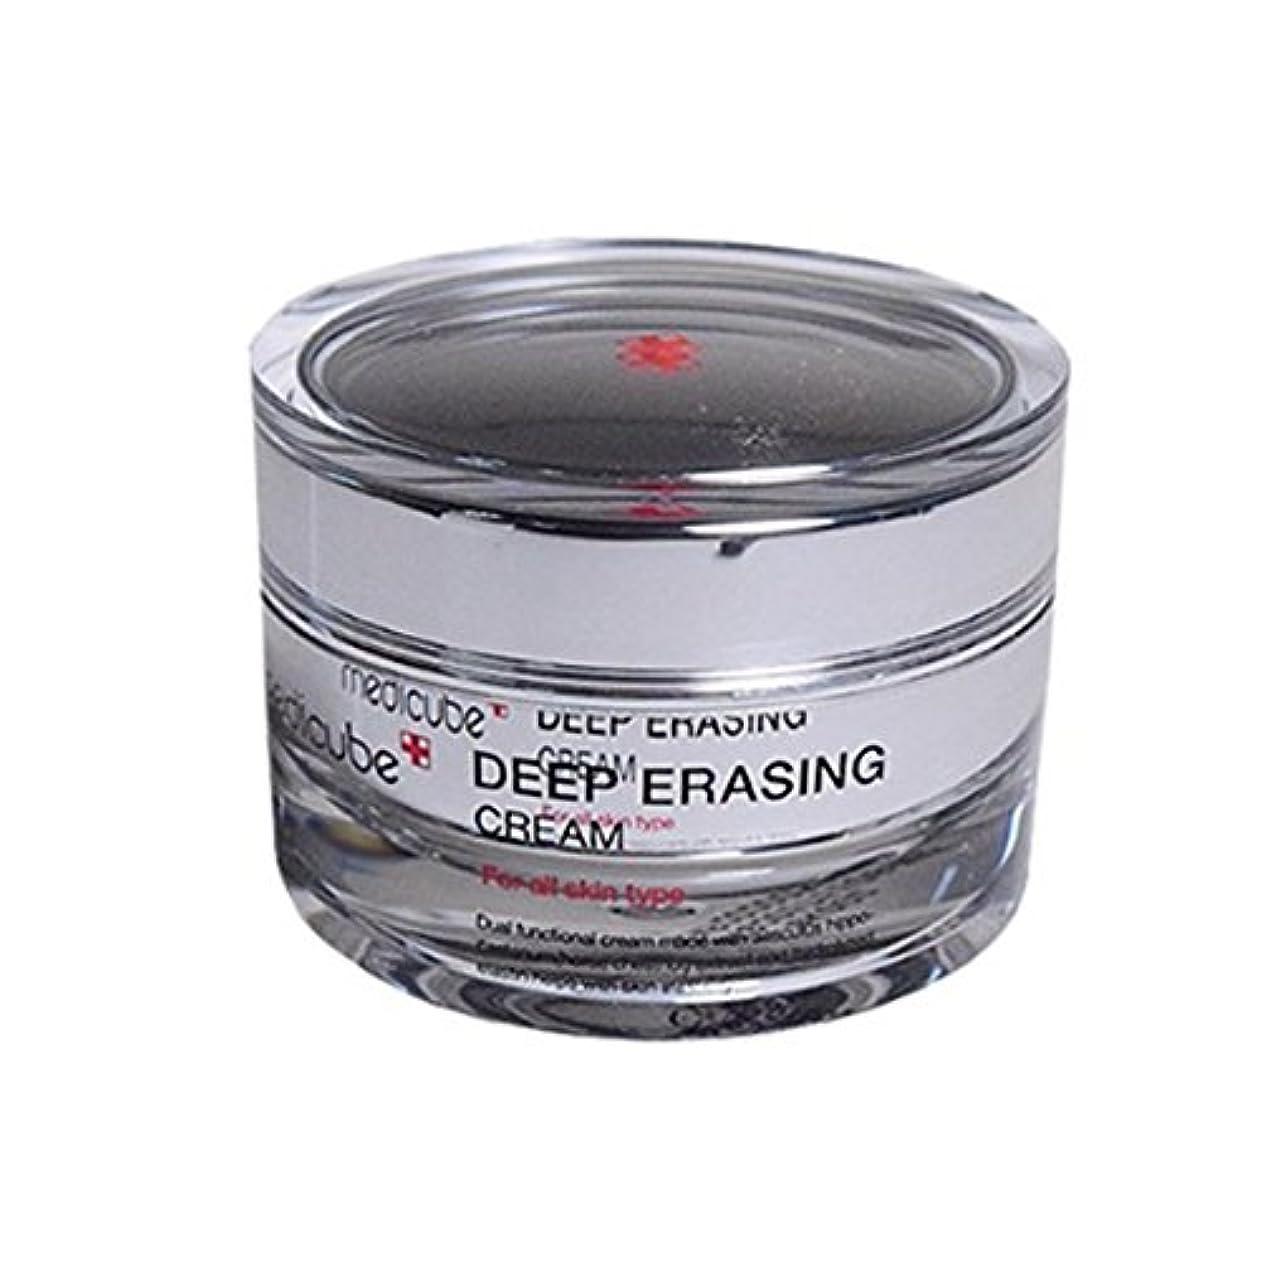 り夜明け平凡メディキューブ?ディップイレイジンクリーム50ml、Medicube Deep Erasing Cream 50ml [並行輸入品]